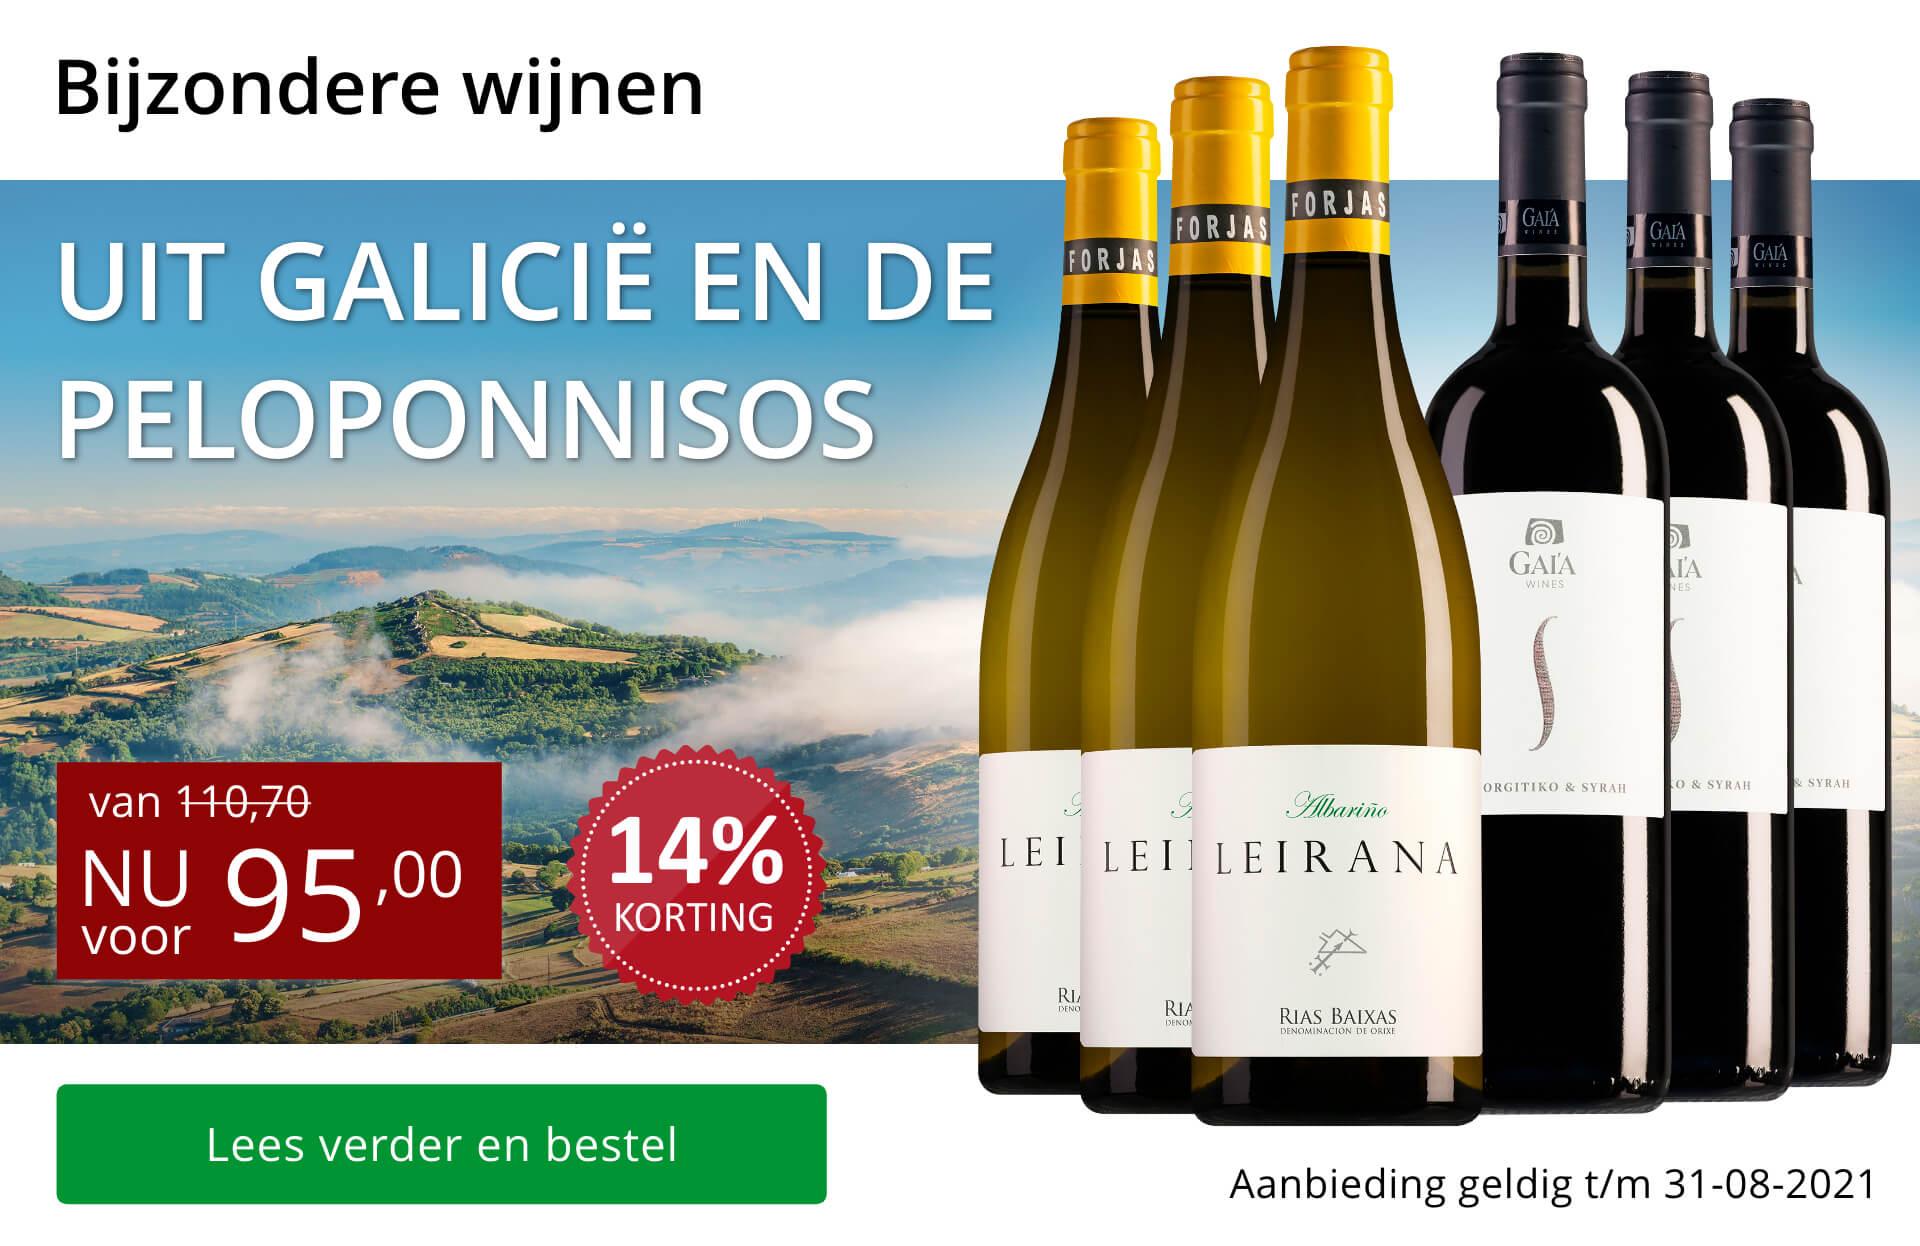 Wijnpakket bijzondere wijnen augustus 2021 (95,00) - rood